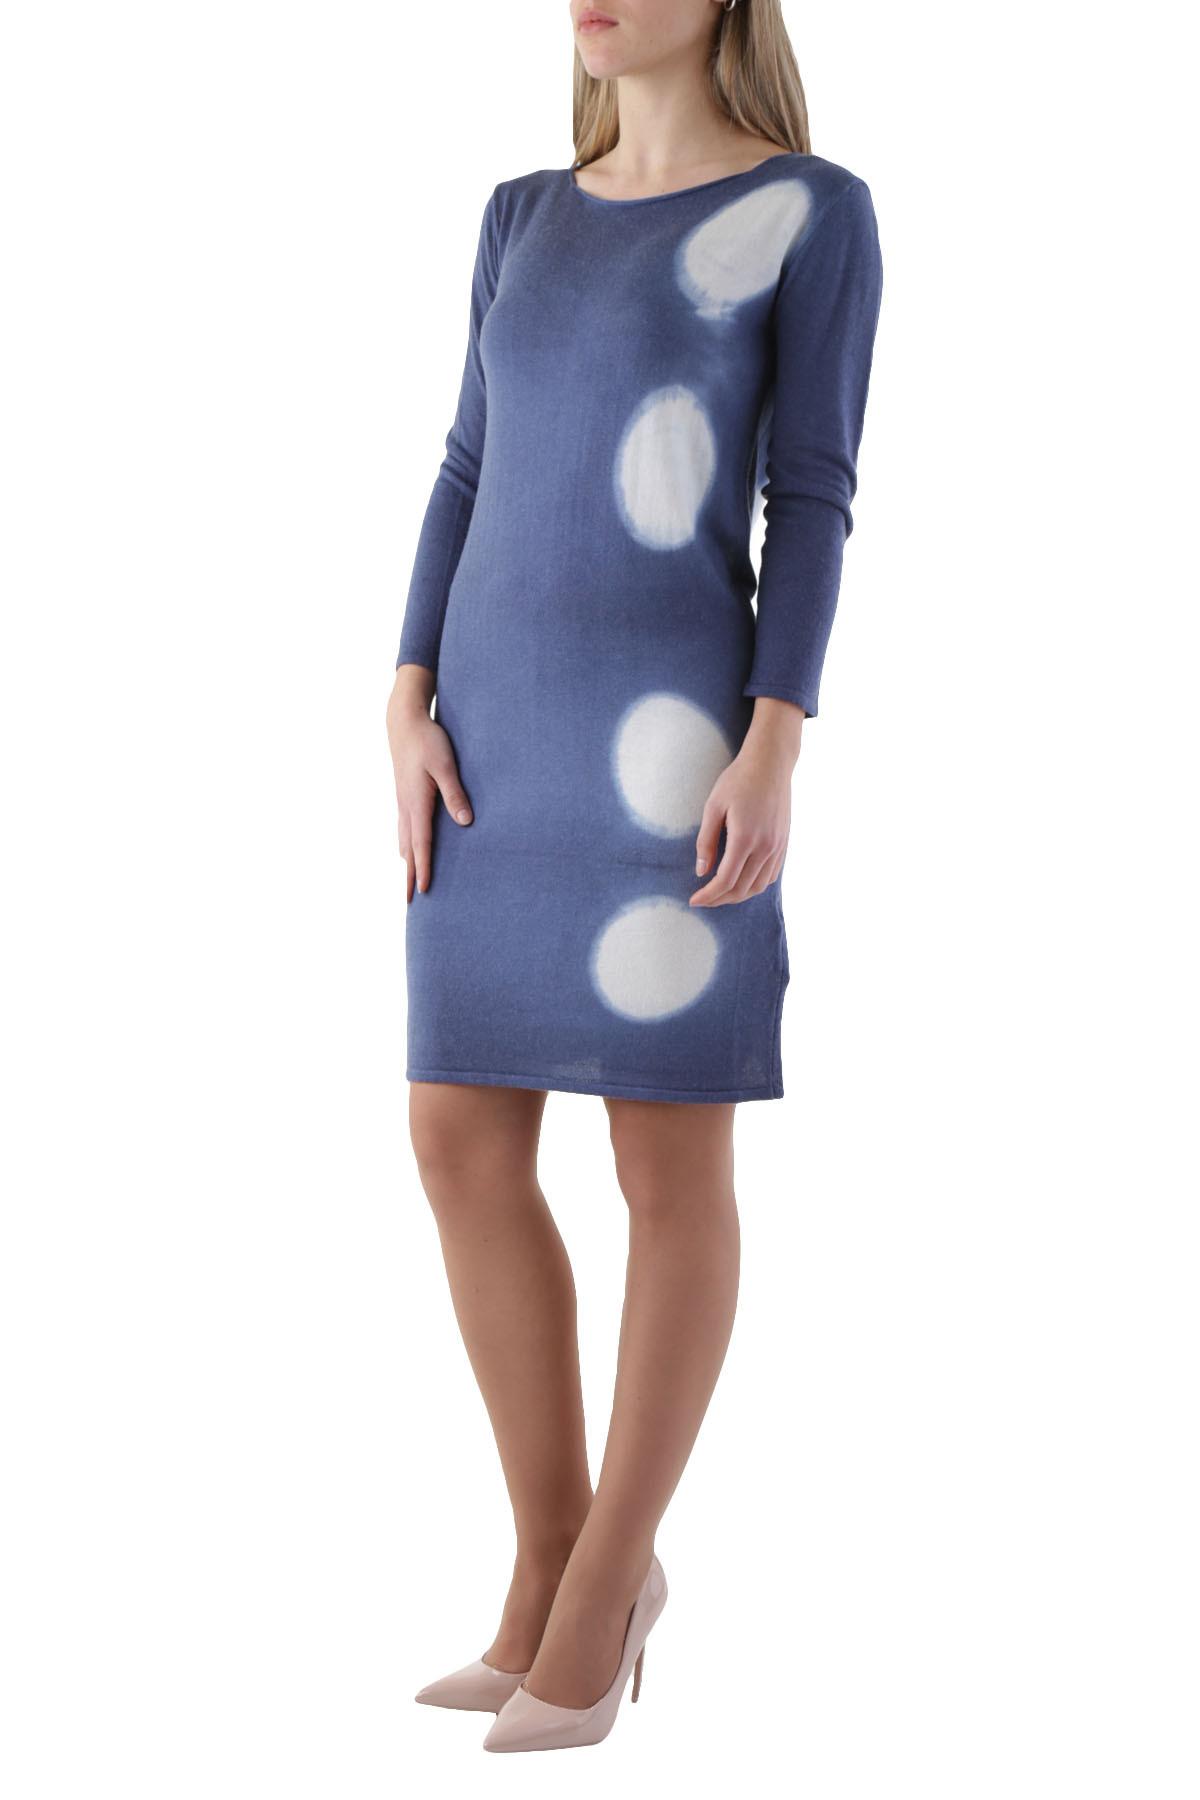 9c242b03e1a0 GR 105026 Italy blu Cristina Gavioli Abito Donna - Sped. in 24 48 ore  lavorative